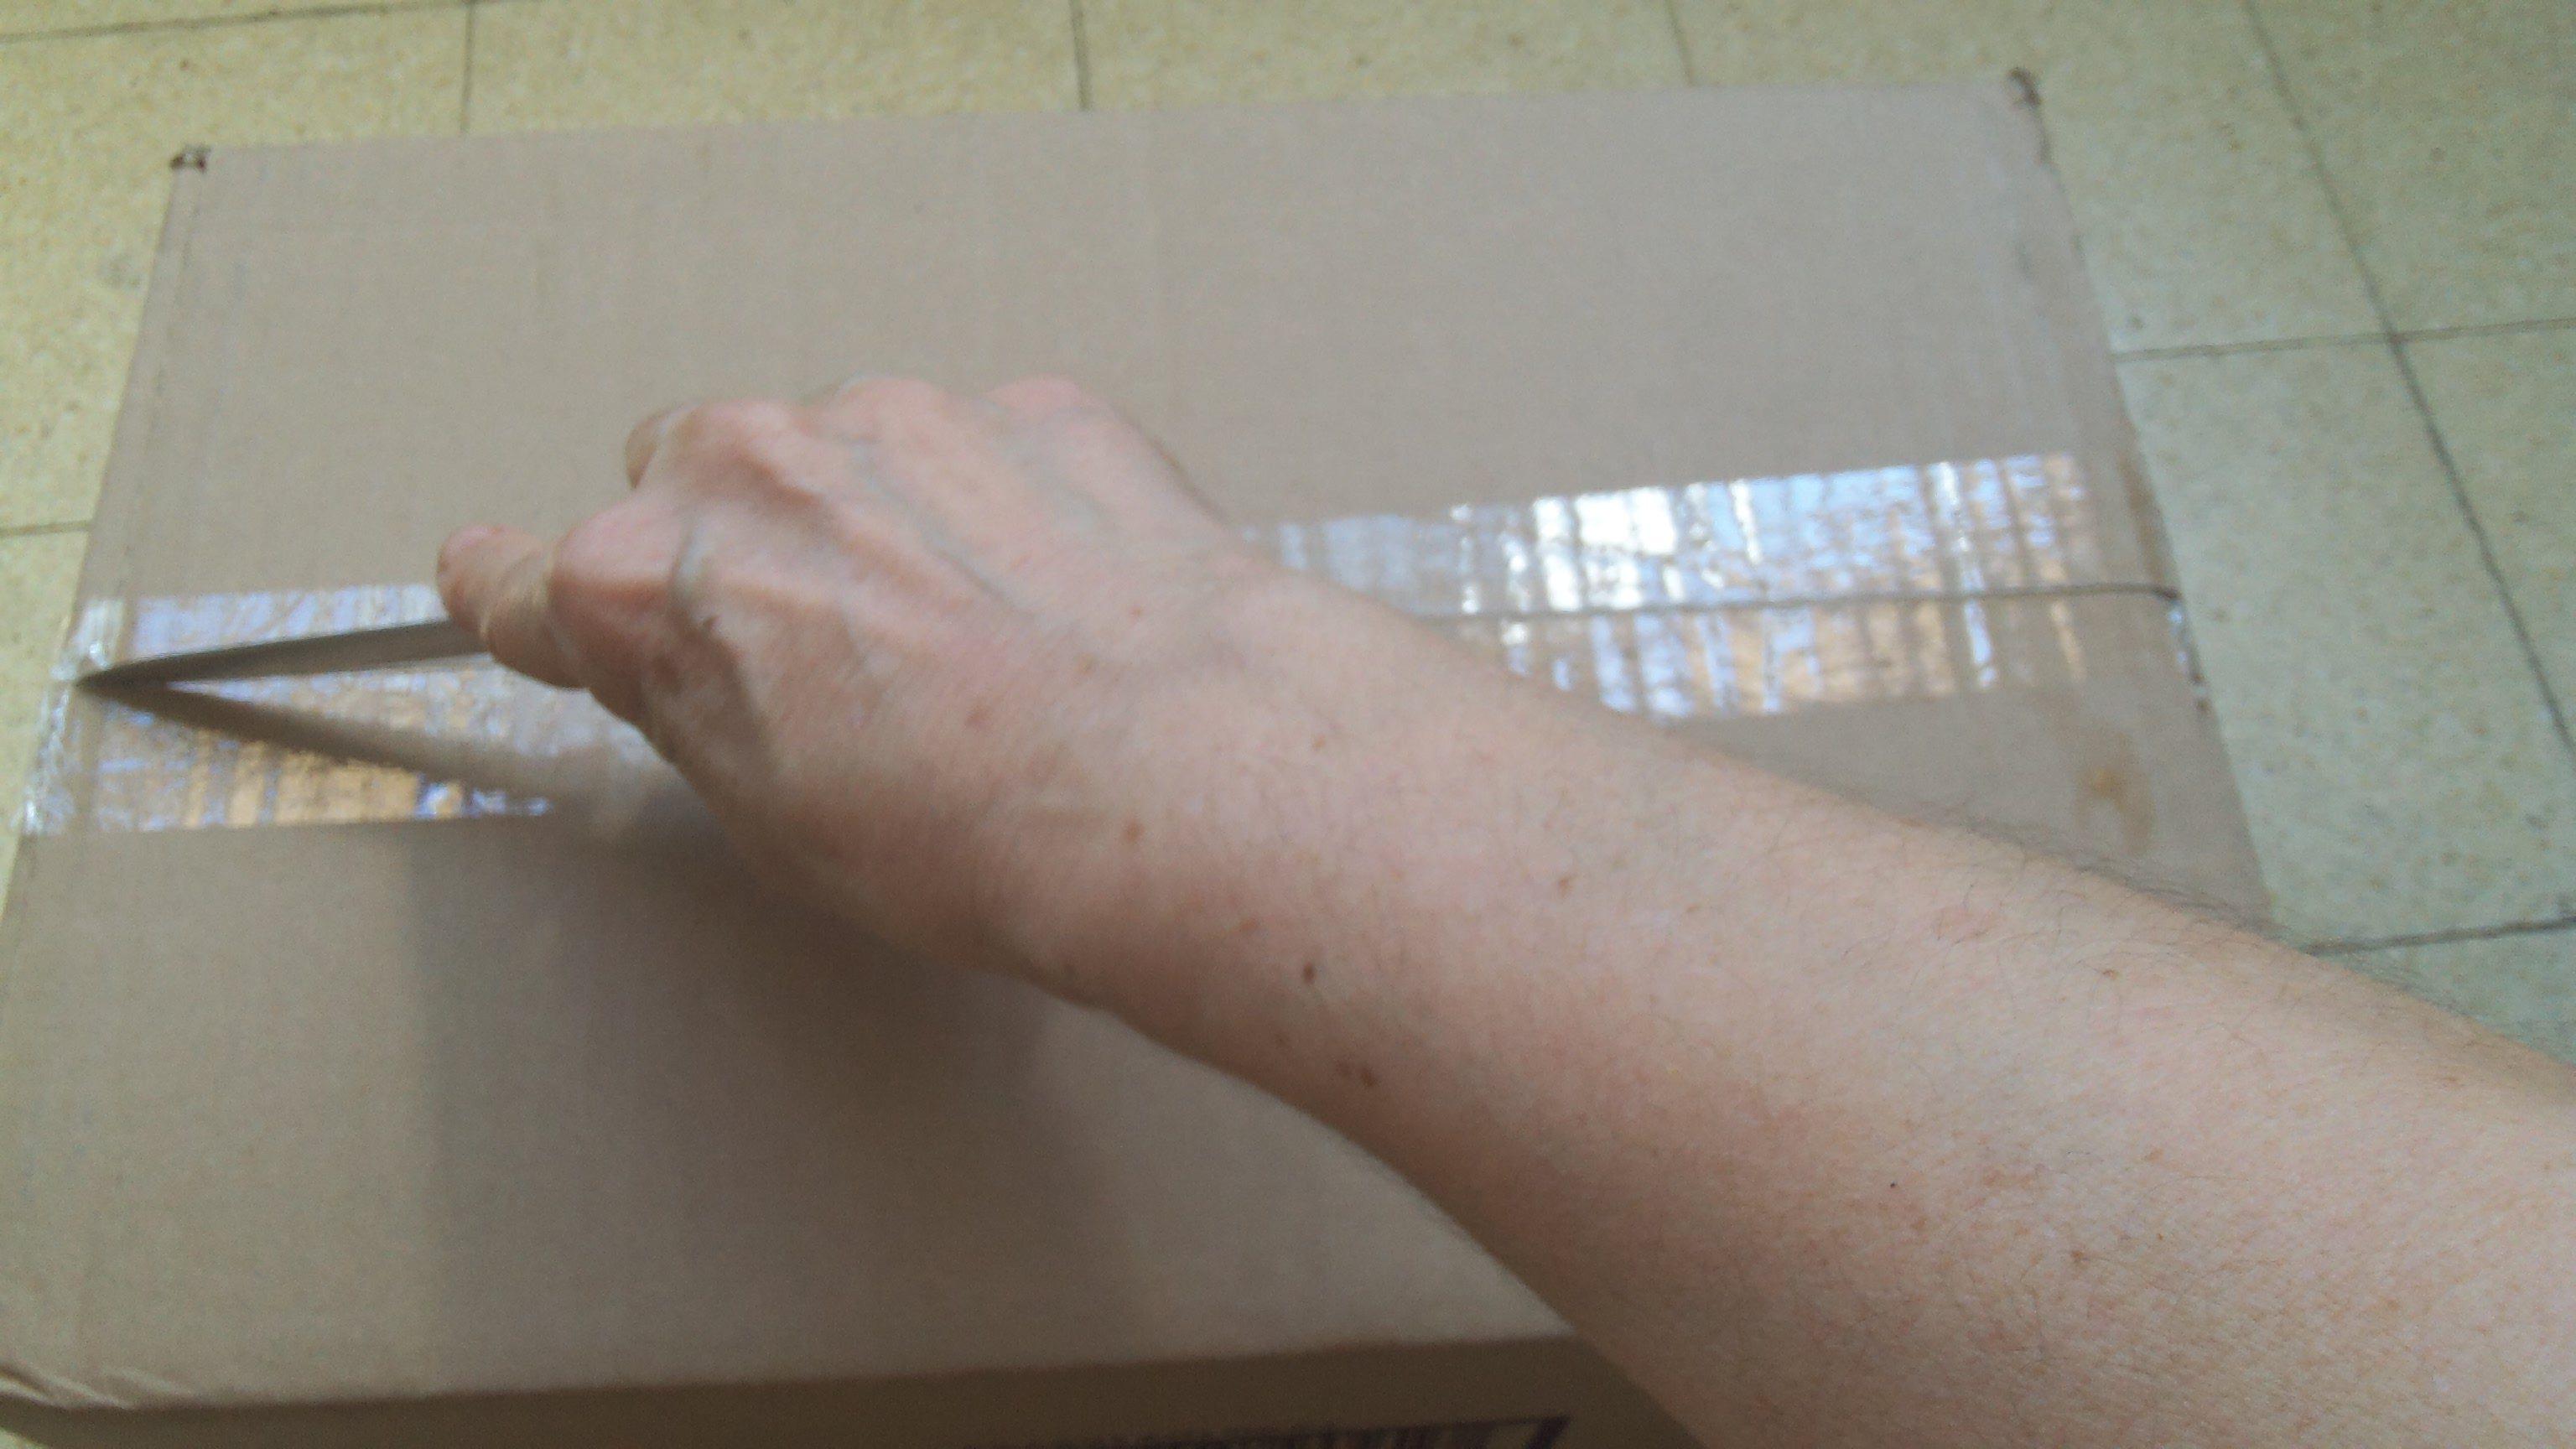 מפרקים את תחתית הקופסא, המחוברת עם נייר דבק